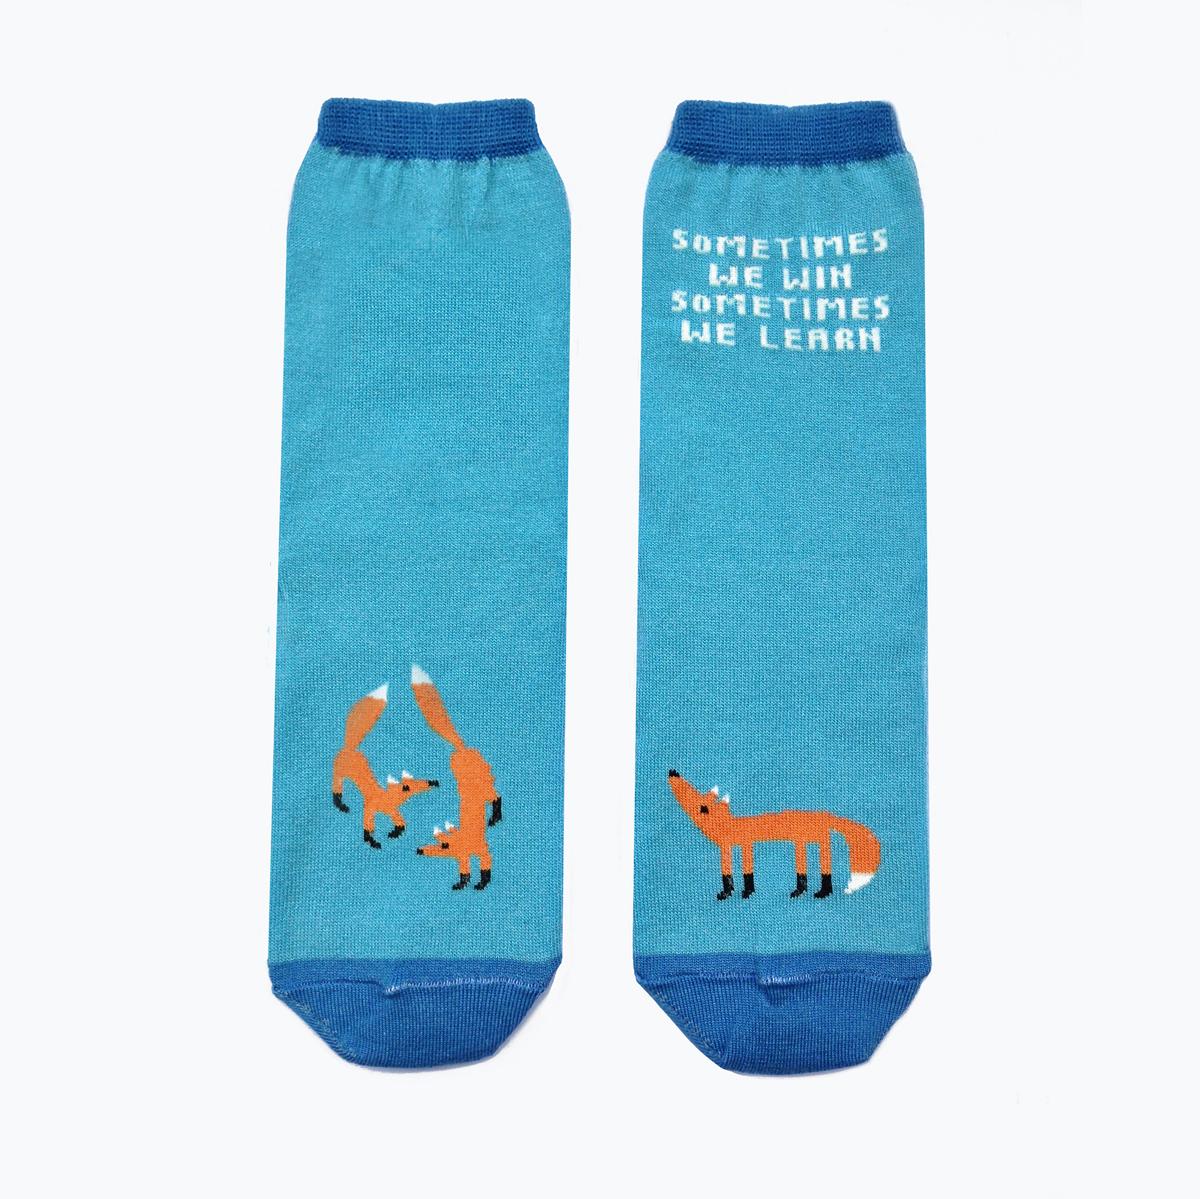 Носки женские Big Bang Socks, цвет: голубой, оранжевый. ca1121. Размер 35/39ca1121Яркие женские носки Big Bang Socks изготовлены из высококачественного хлопка с добавлением полиамидных и эластановых волокон, которые обеспечивают великолепную посадку. Носки отличаются ярким стильным дизайном, они оформлены изображением лисичек и надписью: Sometimes we win sometimes we learn. Удобная резинка идеально облегает ногу и не пережимает сосуды, усиленные пятка и мысок повышают износоустойчивость носка, а удлиненный паголенок придает более эстетичный вид. Дизайнерские носки Big Bang Socks - яркая деталь в вашем образе и оригинальный подарок для друзей и близких.